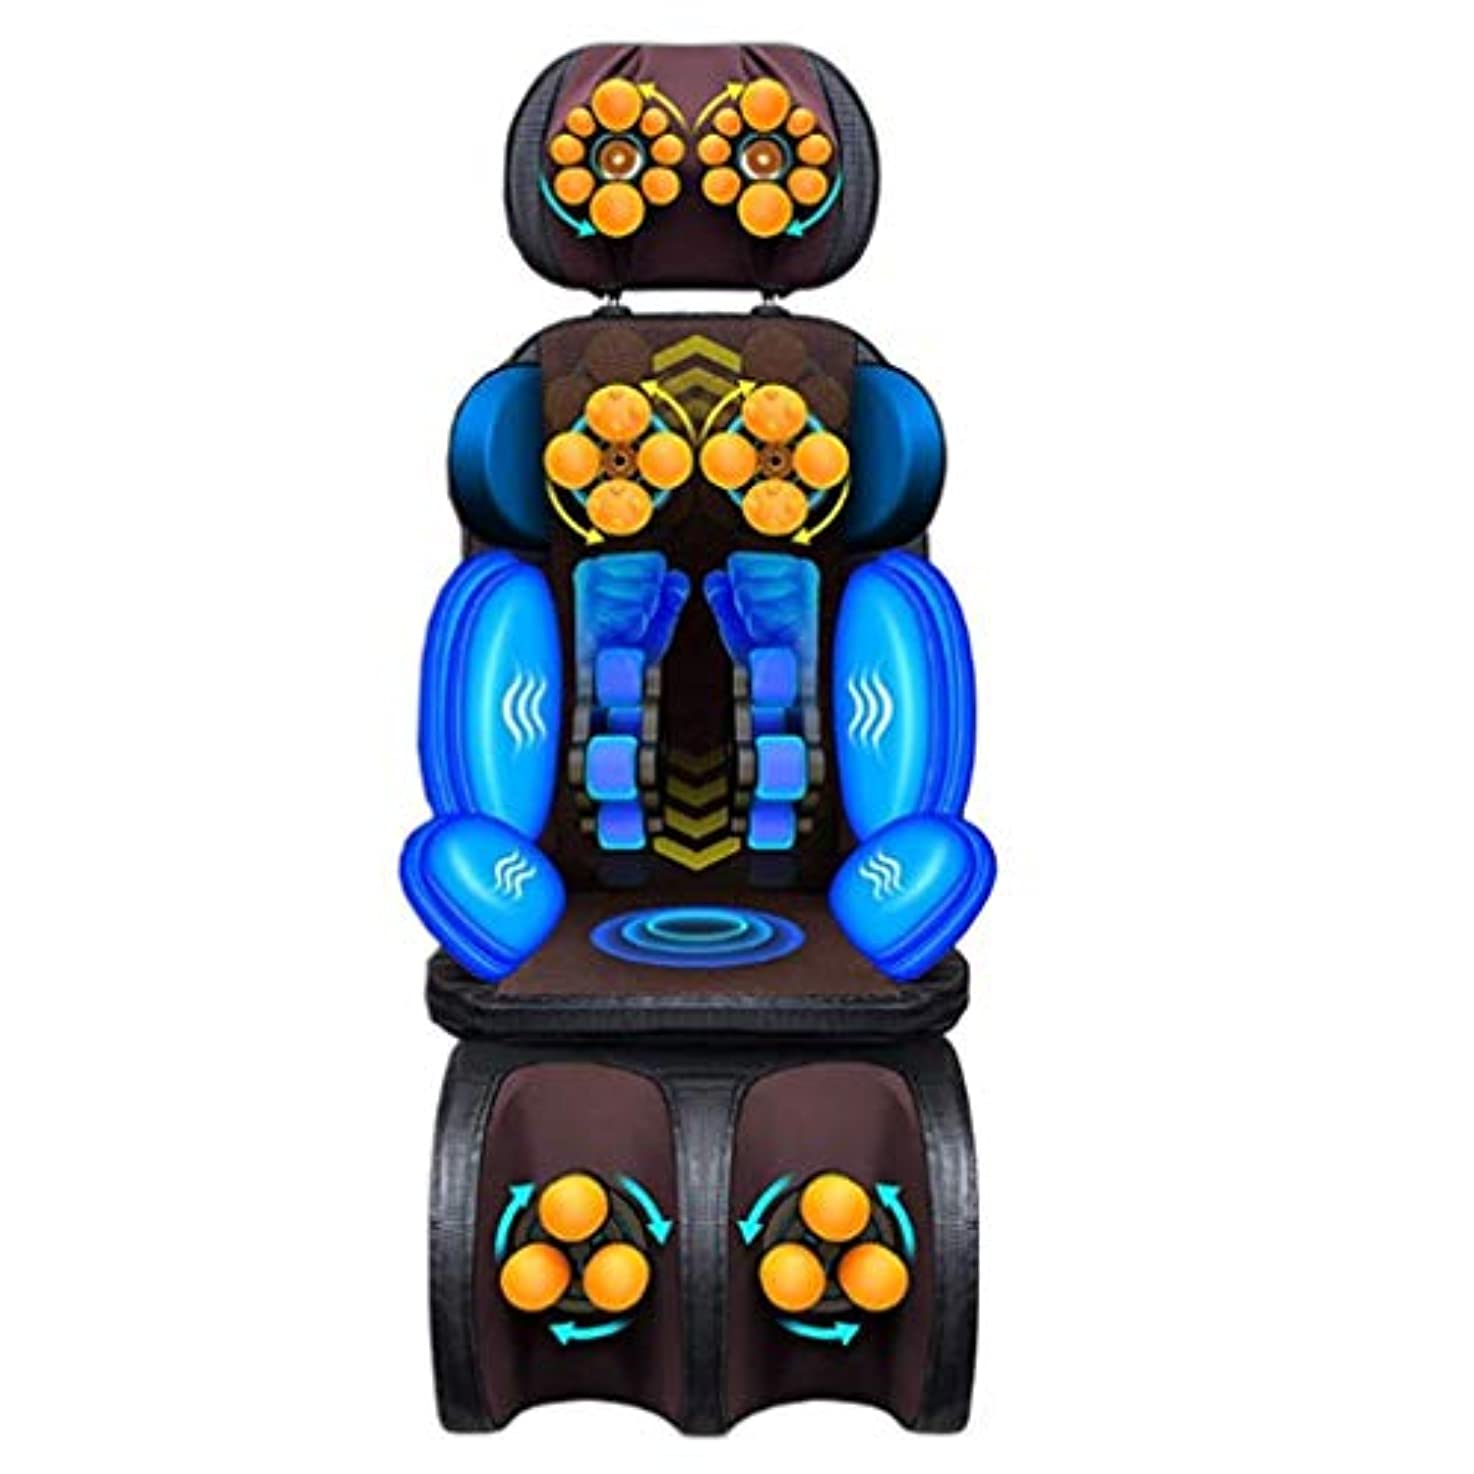 合金約経過マッサージクッション、電動全身マッサージクッションチェア、多機能振動マッサージャー、首の後ろ足と足のマッサージ、ホームオフィスの運転に適しています